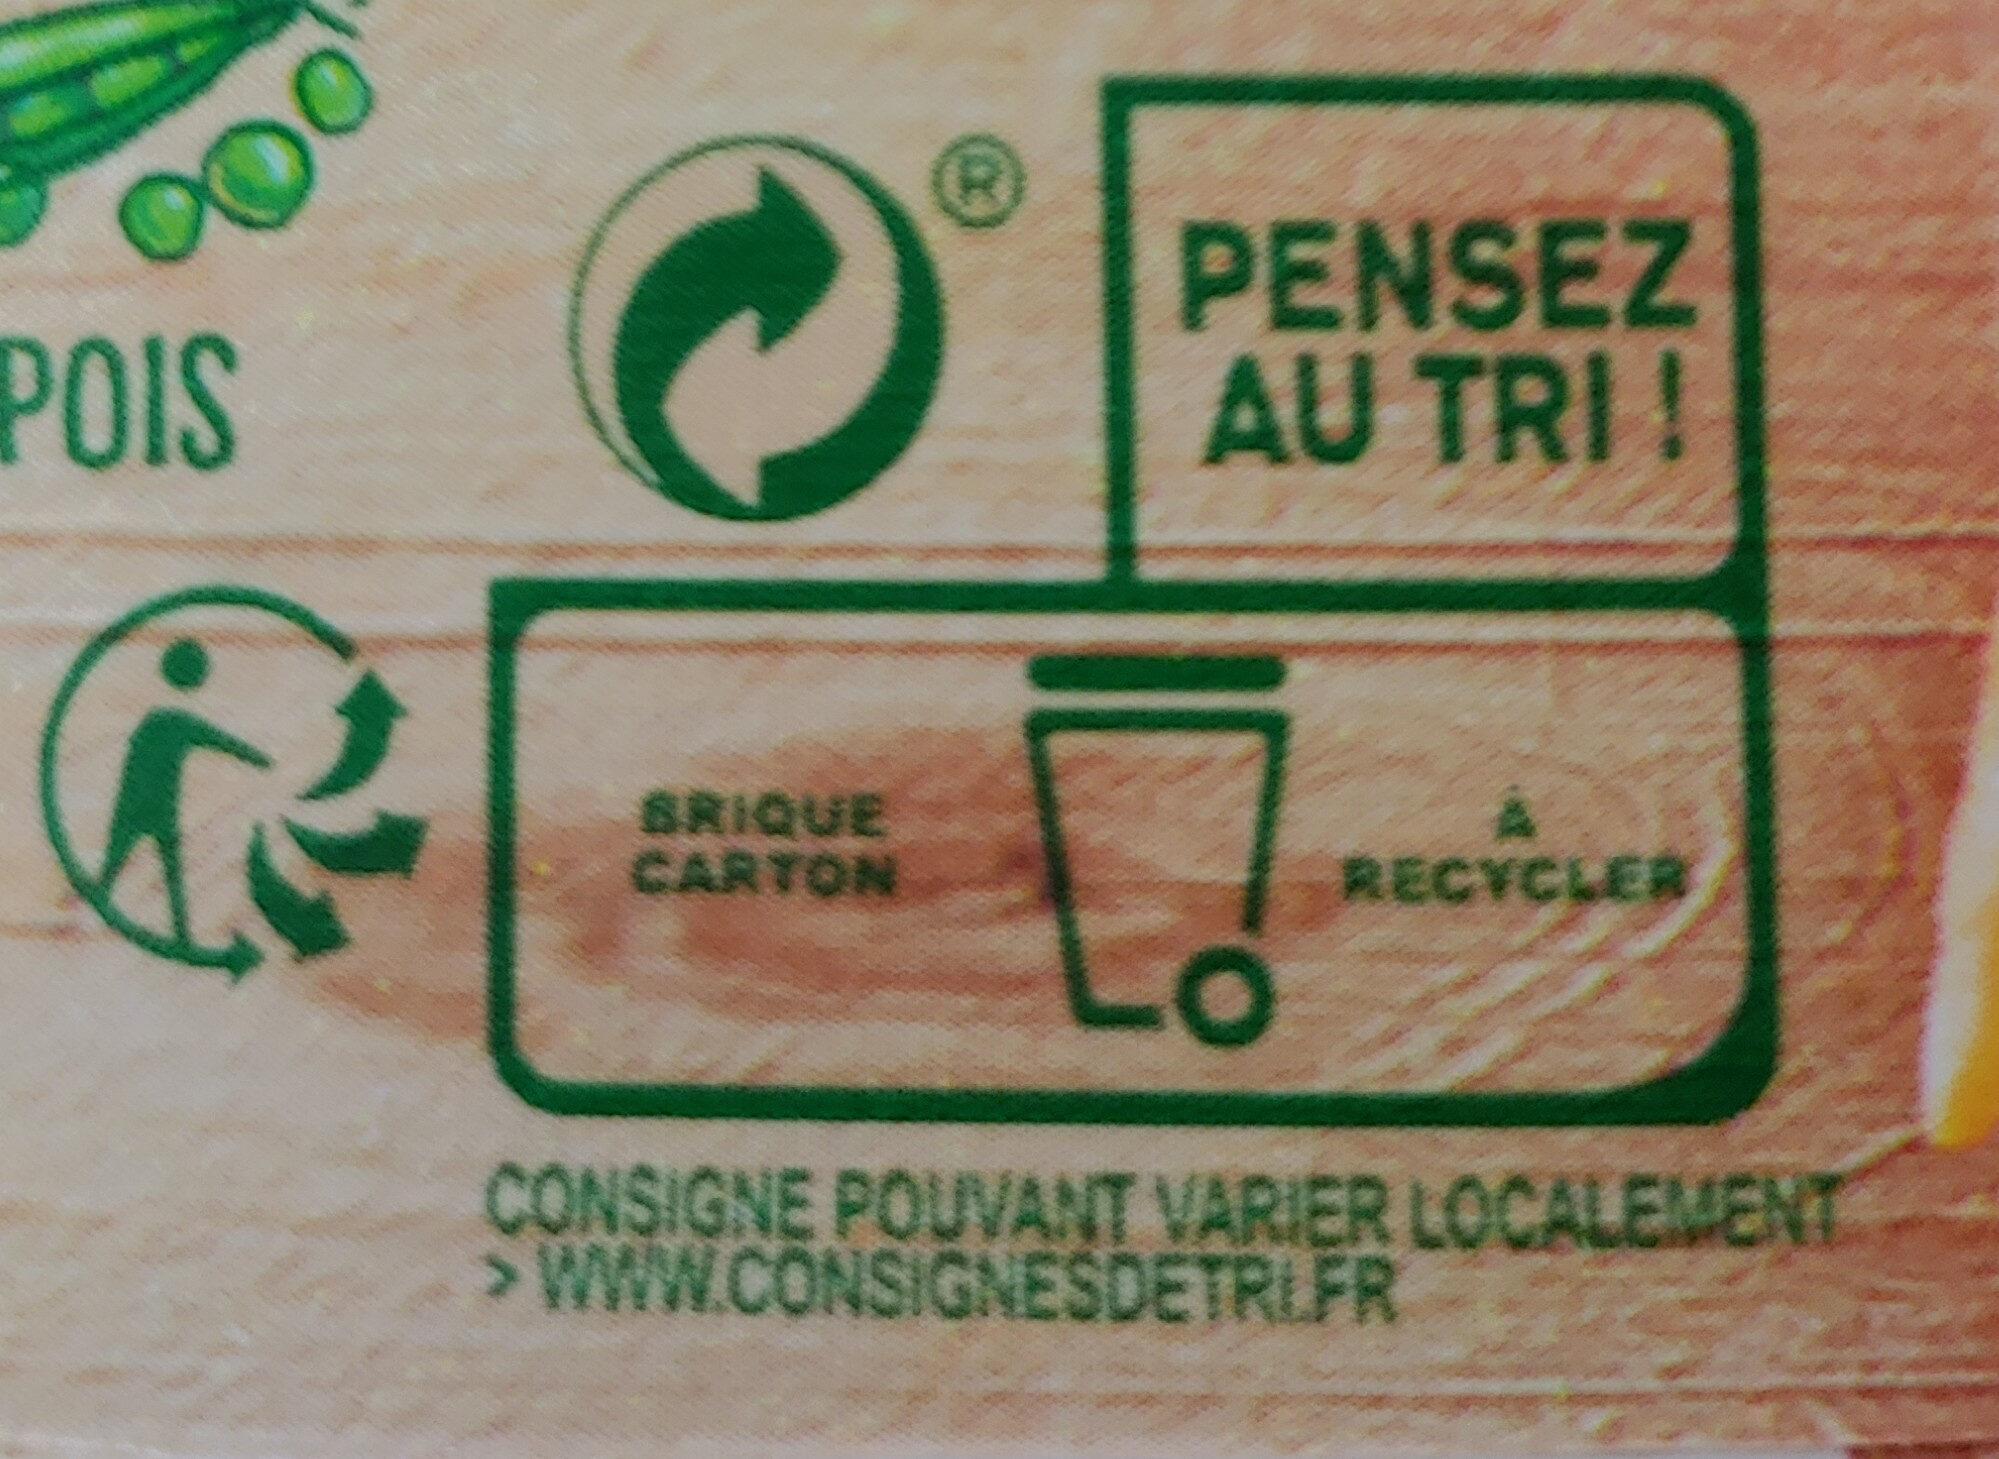 Knorr Soupe Liquide Douceur de 8 Légumes à la Crème Fraîche 50cl - Istruzioni per il riciclaggio e/o informazioni sull'imballaggio - fr